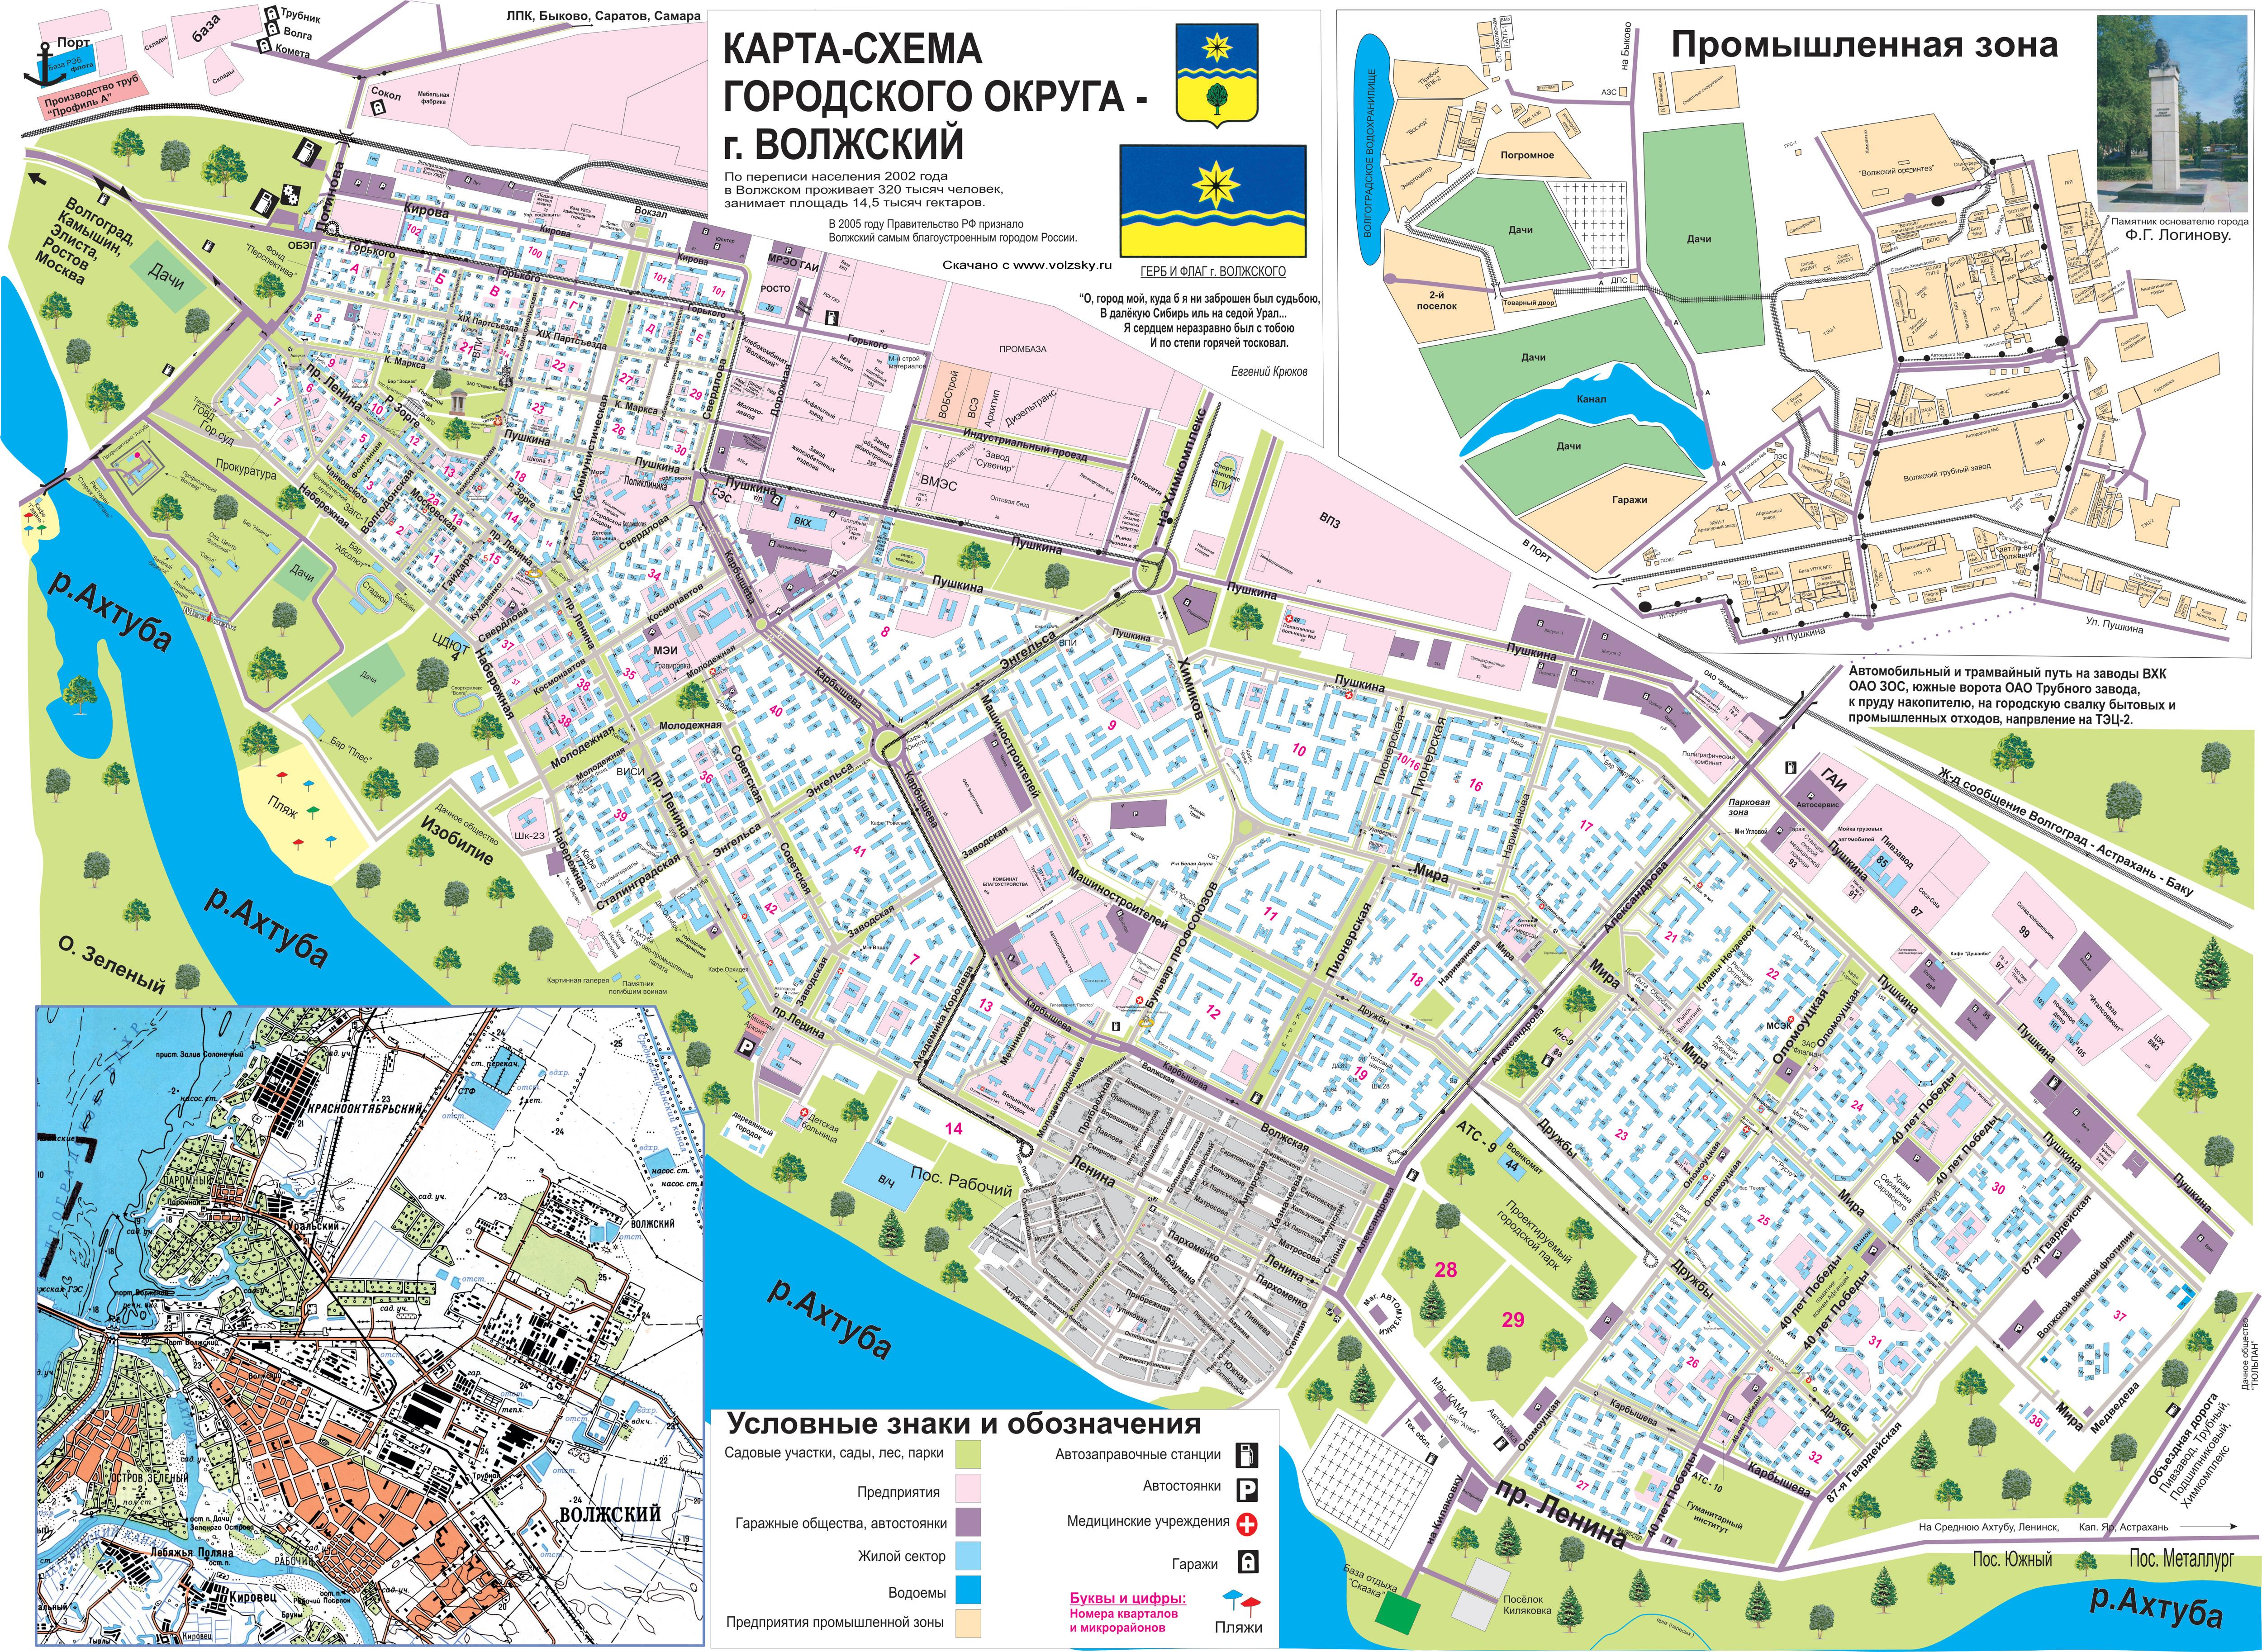 Вскоре здесь появится множество Карта волгоградской области волжского город спутник Главная...